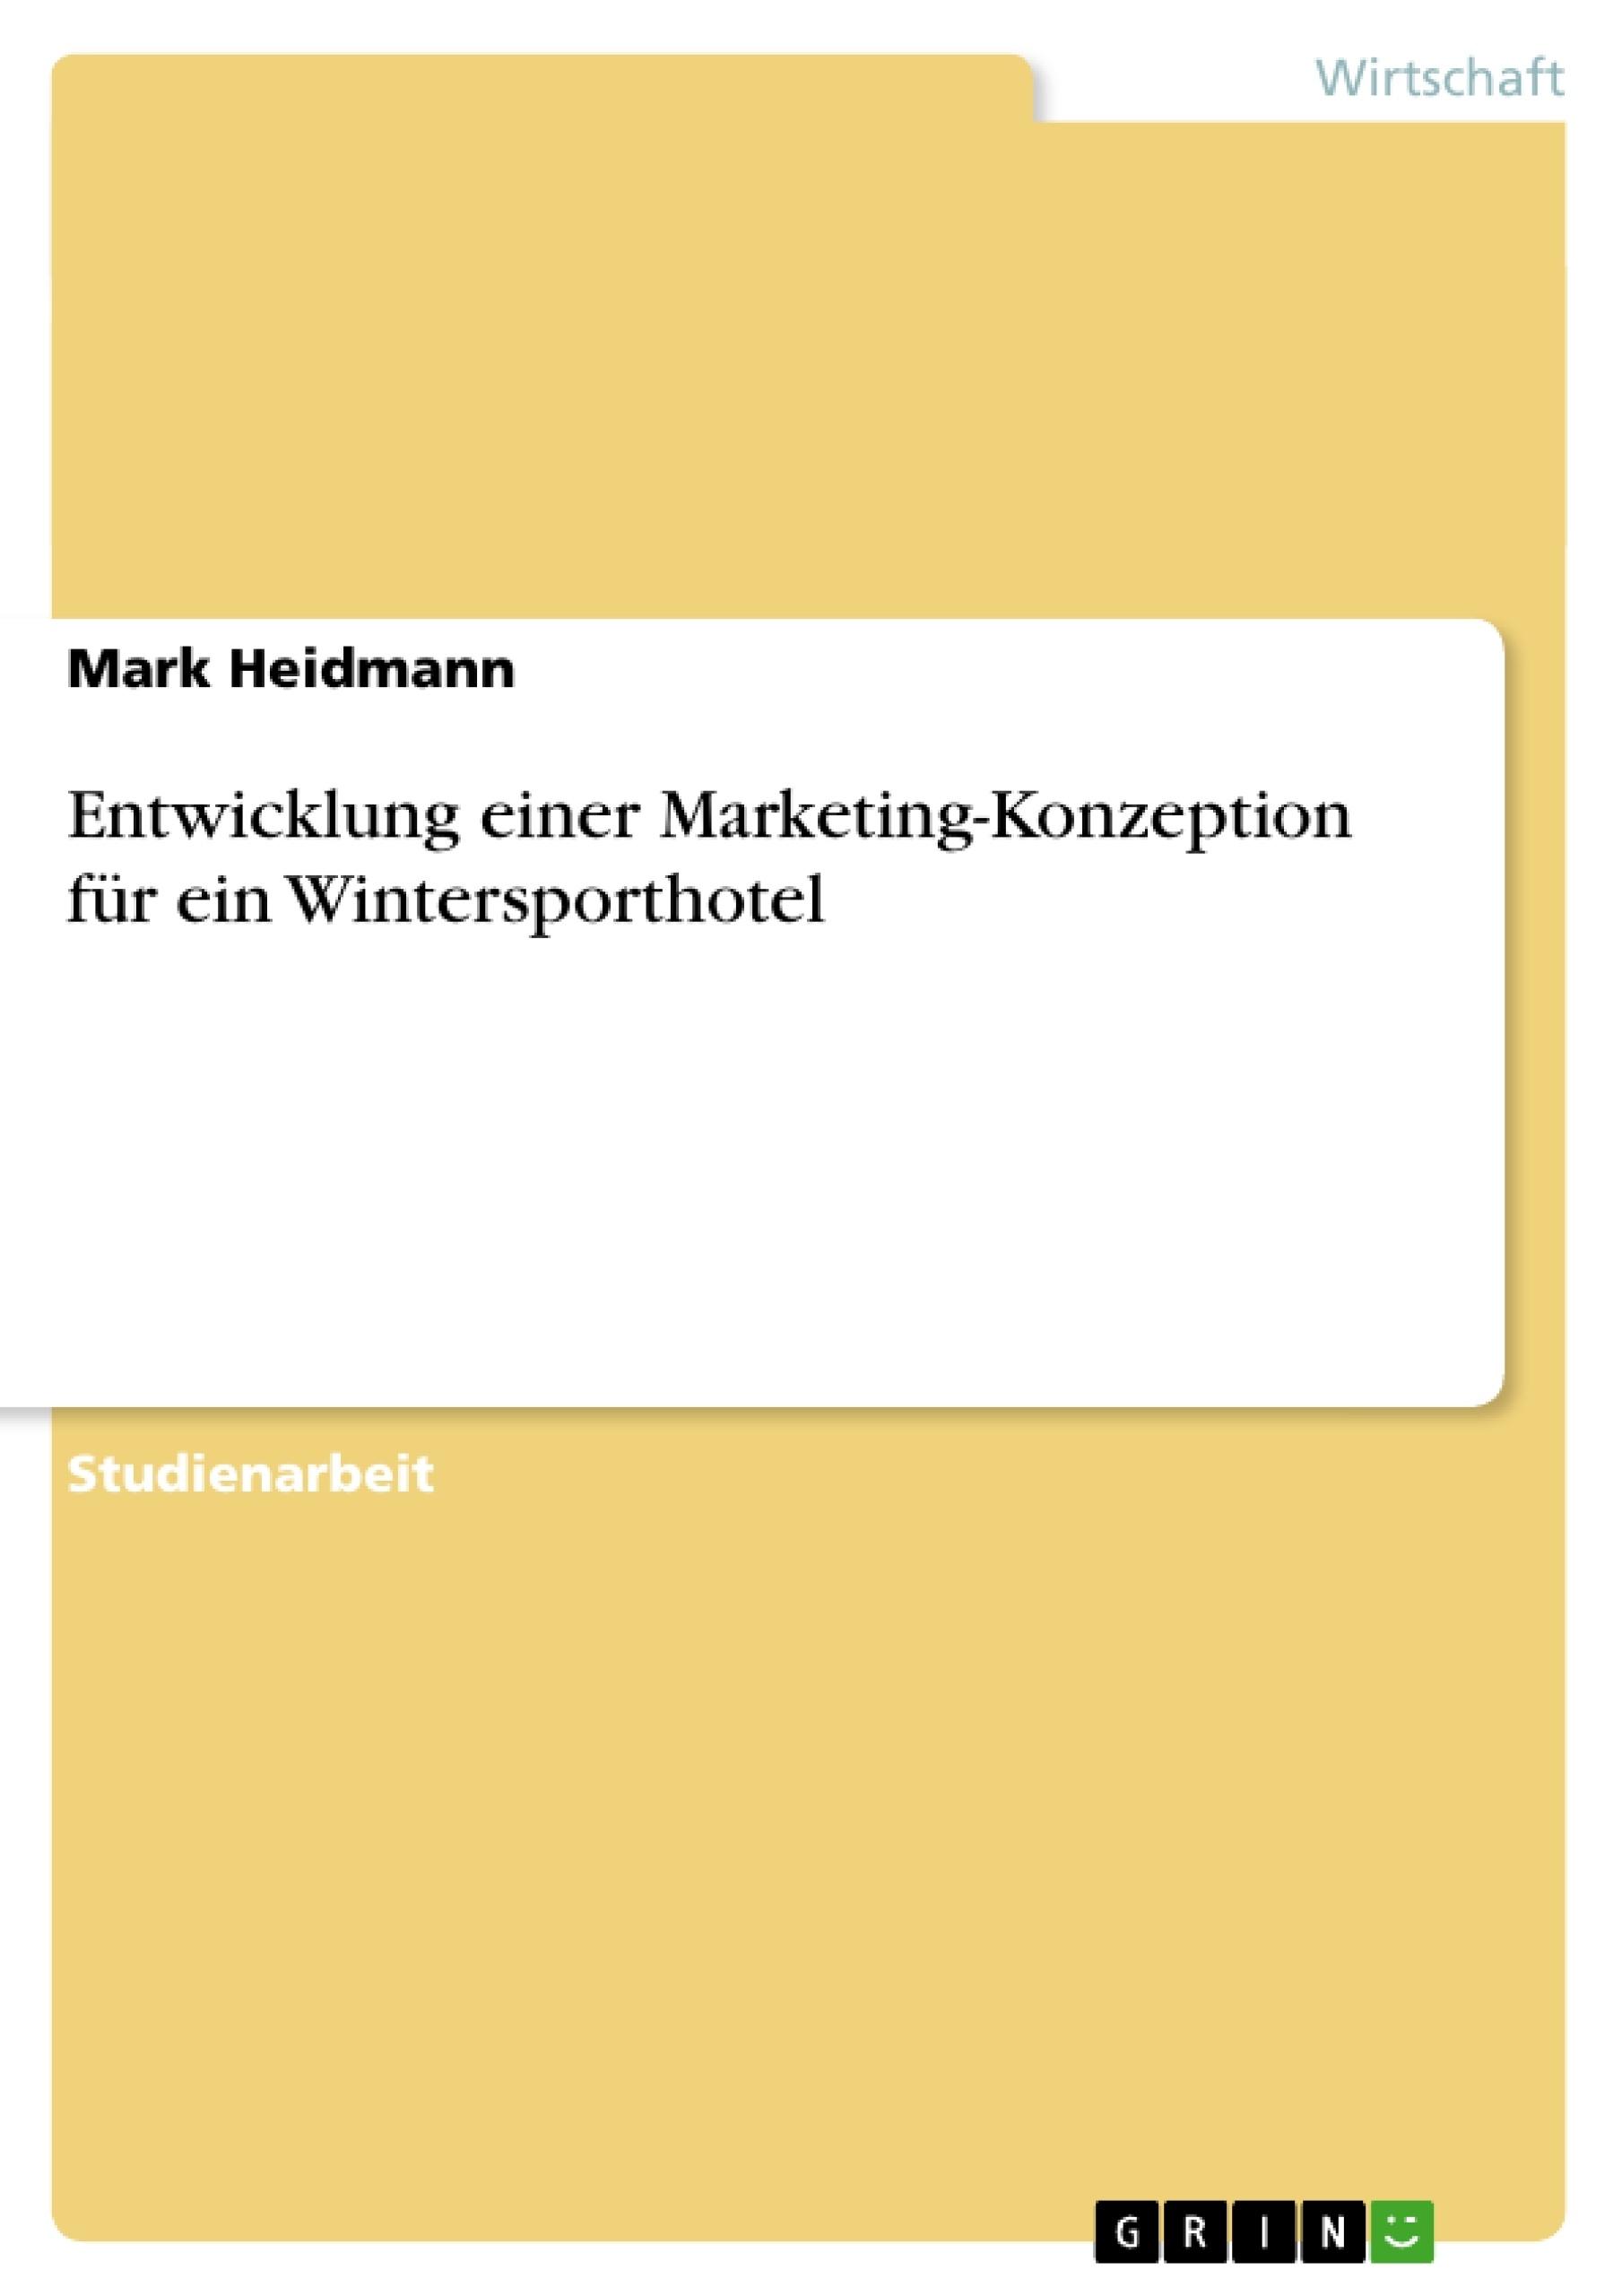 Titel: Entwicklung einer Marketing-Konzeption für ein Wintersporthotel